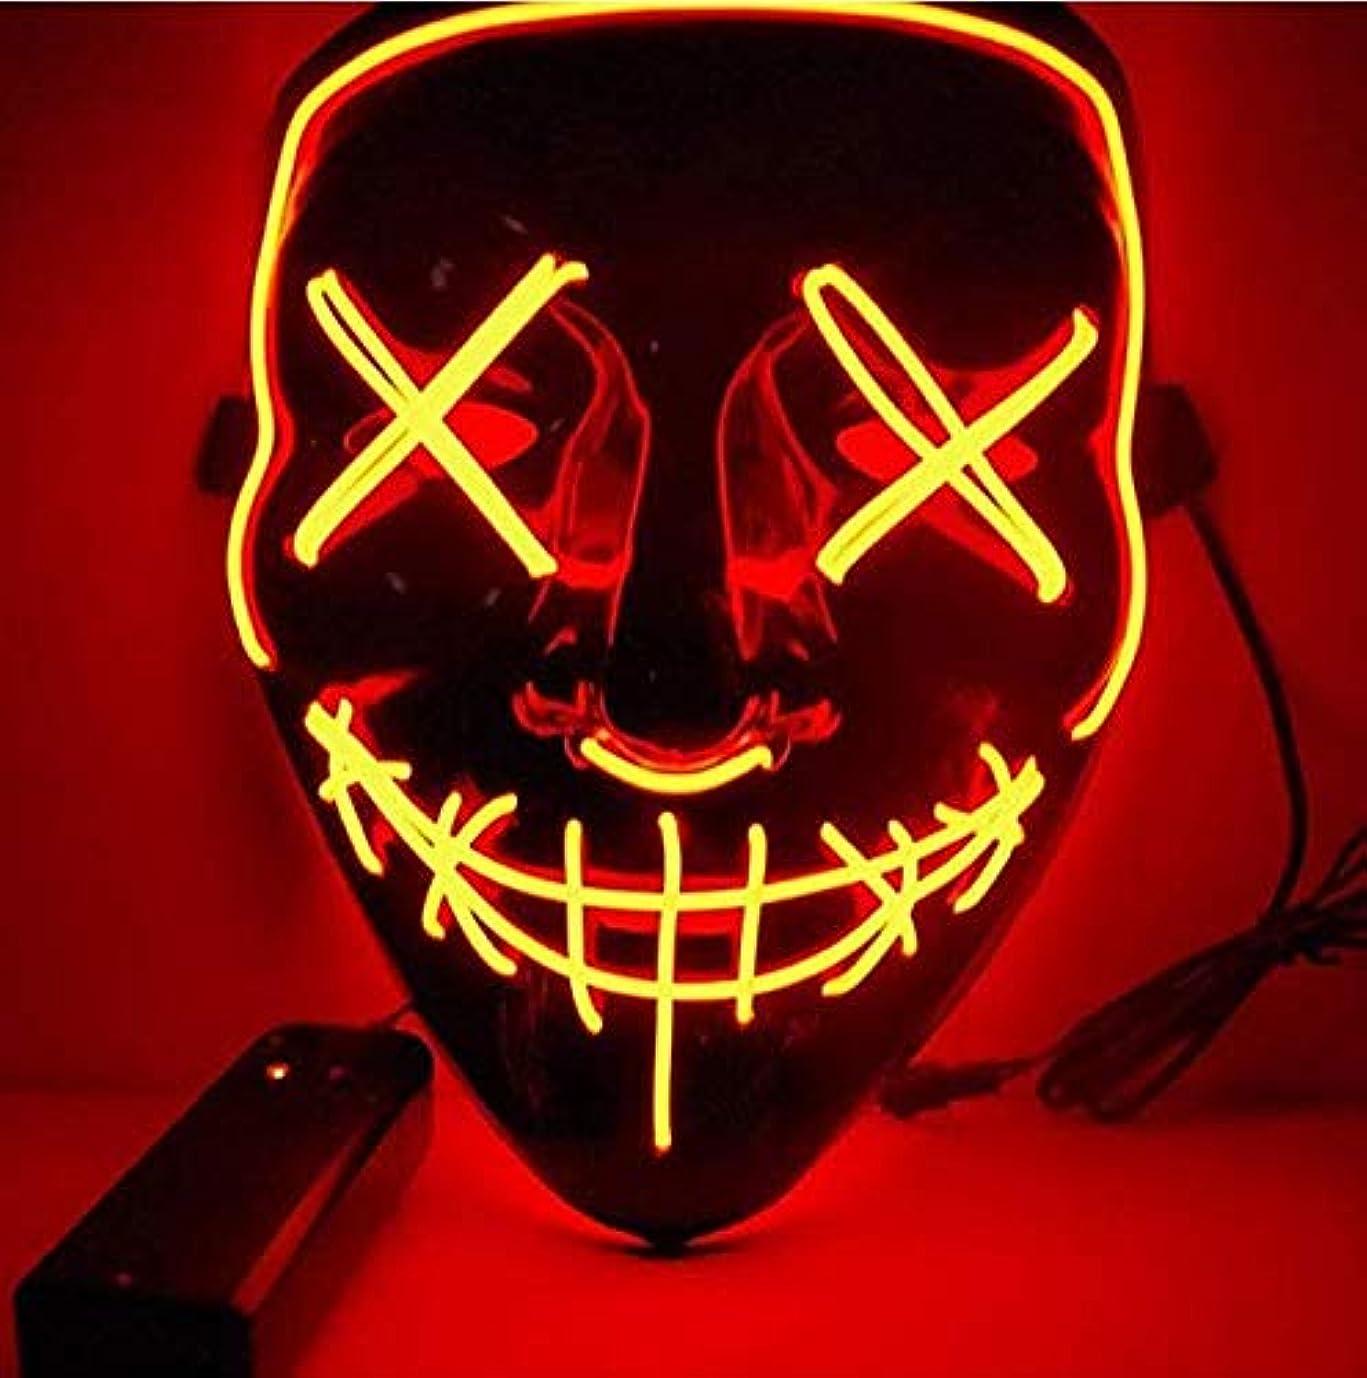 人気の展望台社員ハロウィンマスクLEDライトアップパーティーマスクコスプレコスチュームサプライ暗闇で光る (Color : YELLOW)